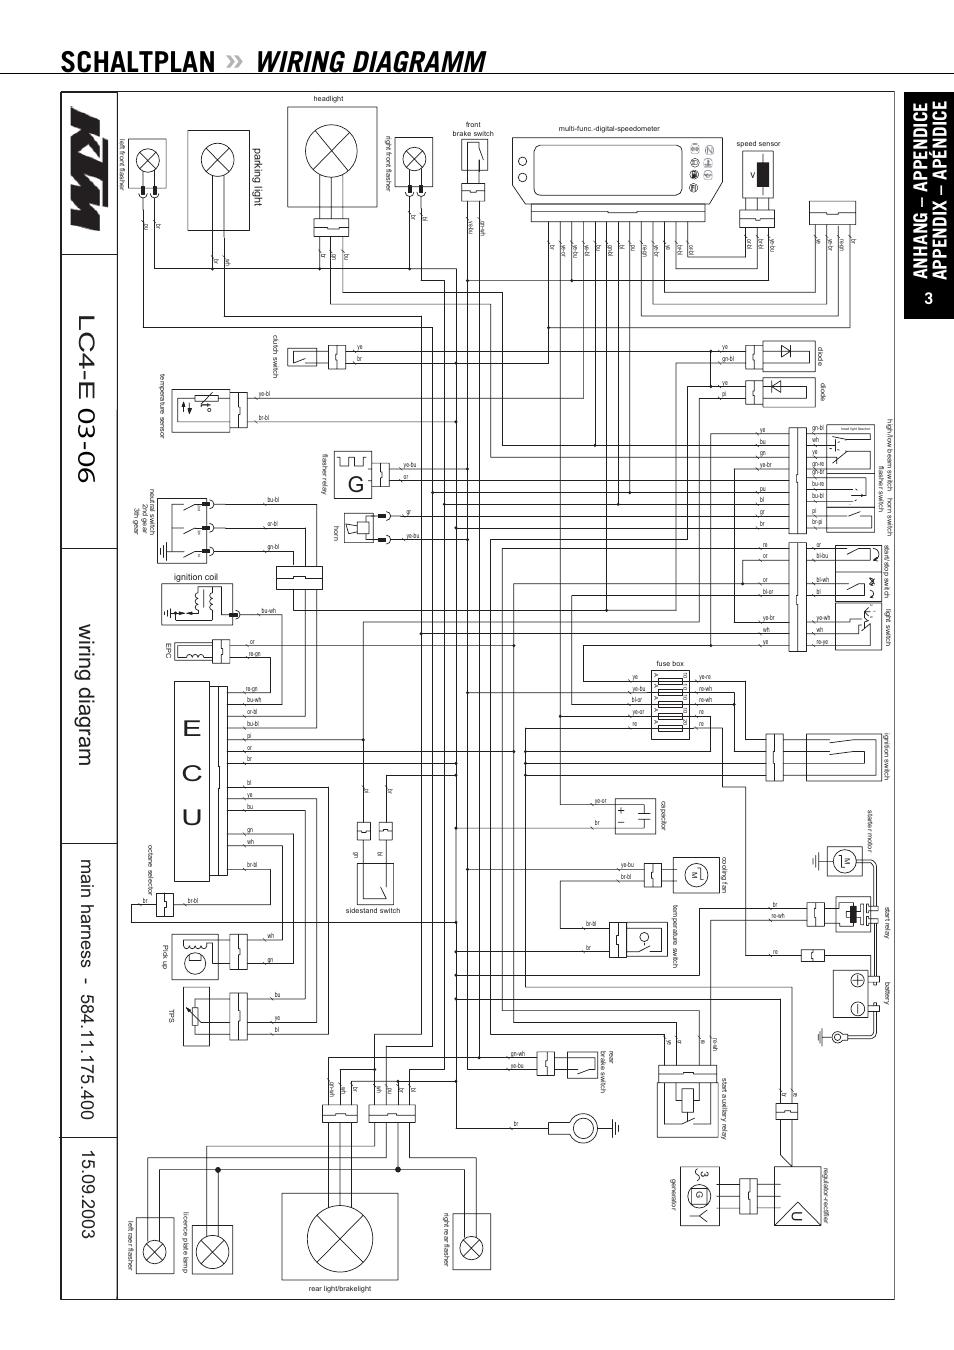 medium resolution of ktm lc4 wiring diagram online schematics diagram rh delvato co 1988 ktm lc4 600 2001 ktm